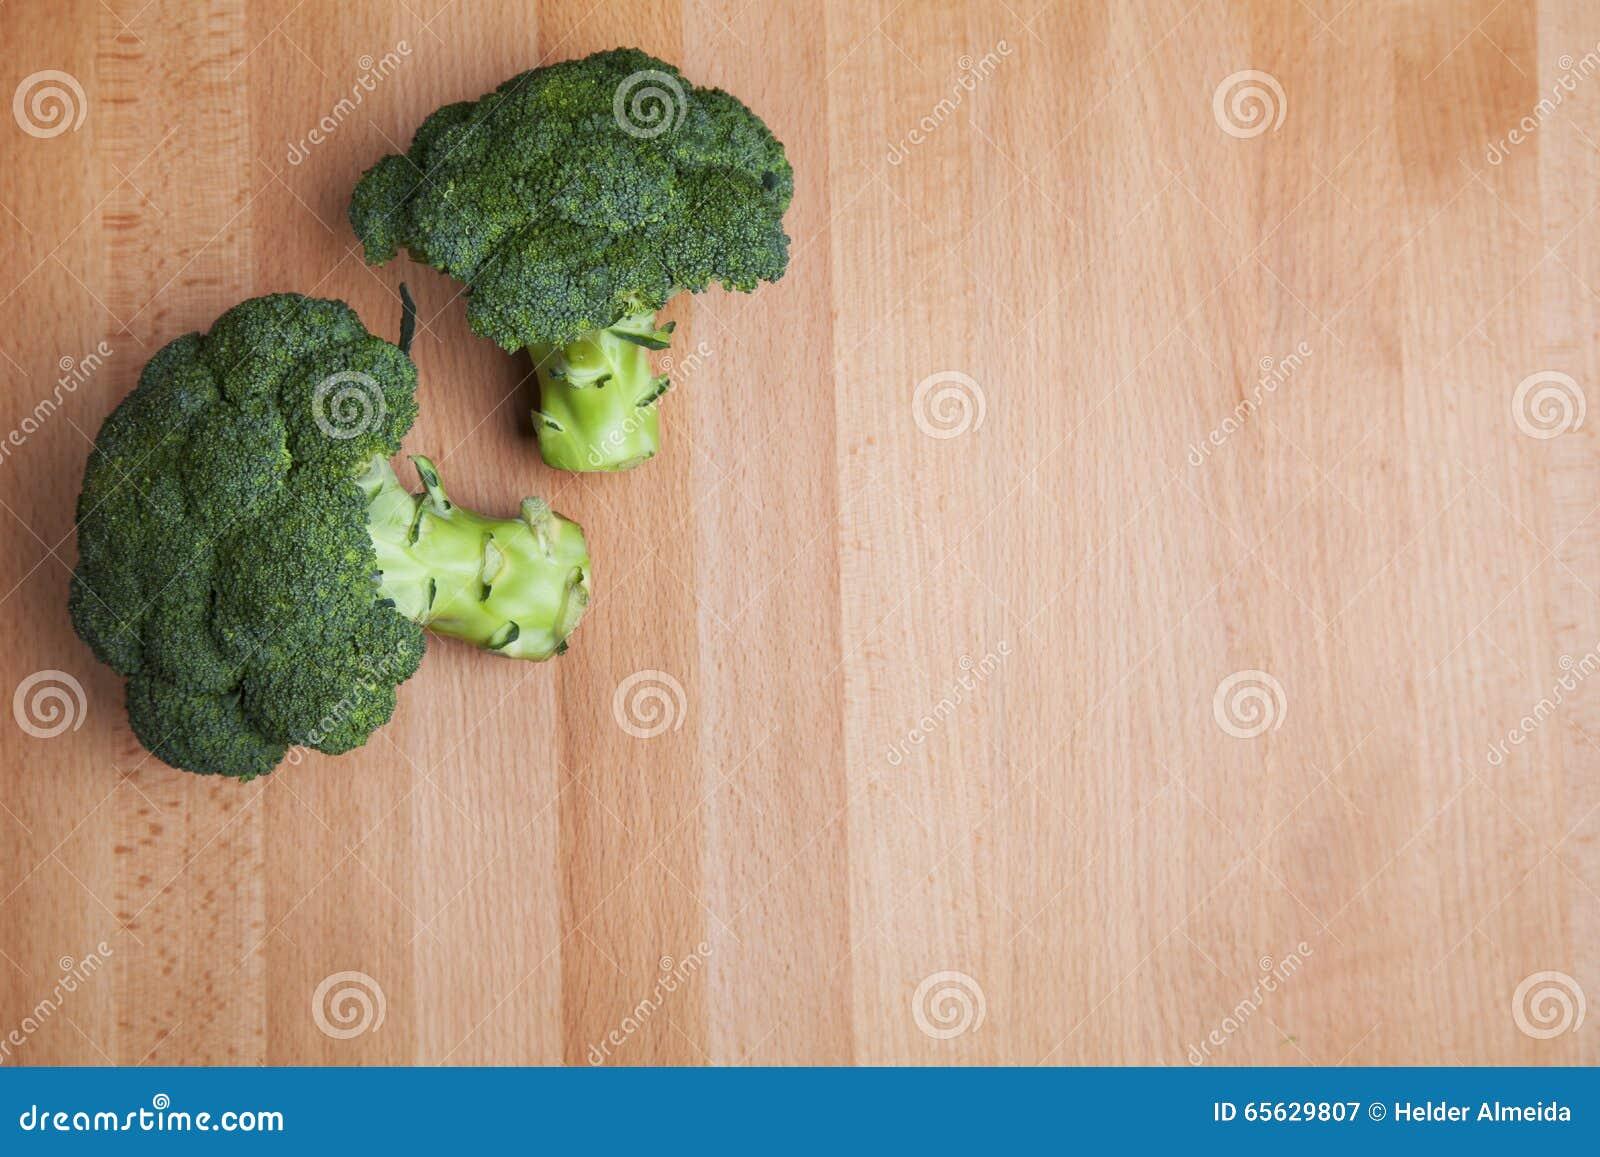 Boccoli à la table